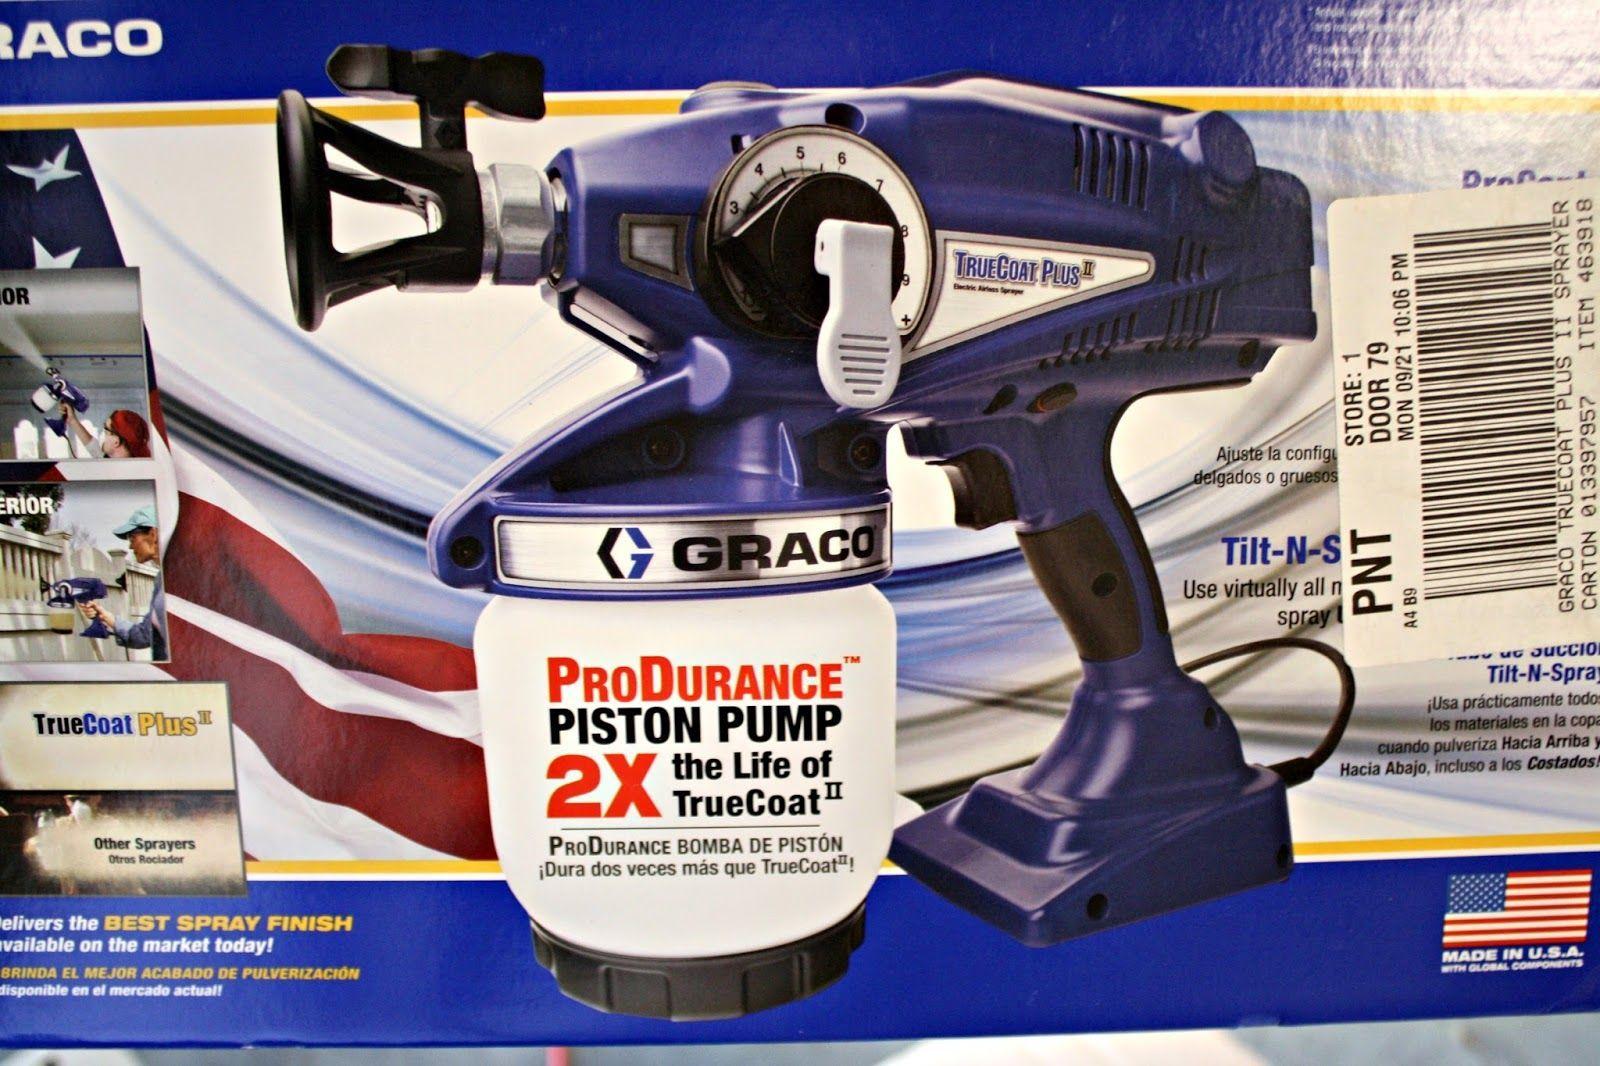 Spray paint for kitchen cupboards  BEST sprayer for painting kitchen cabinets  Kitchen Cabinets